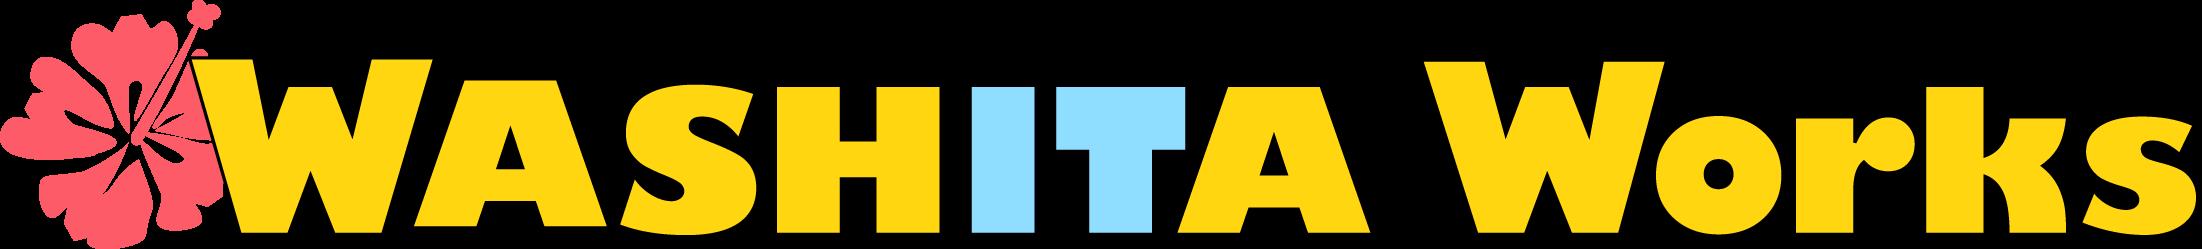 沖縄のIT未経験者が創ったWEBのお仕事紹介メディア - WASHITA Works